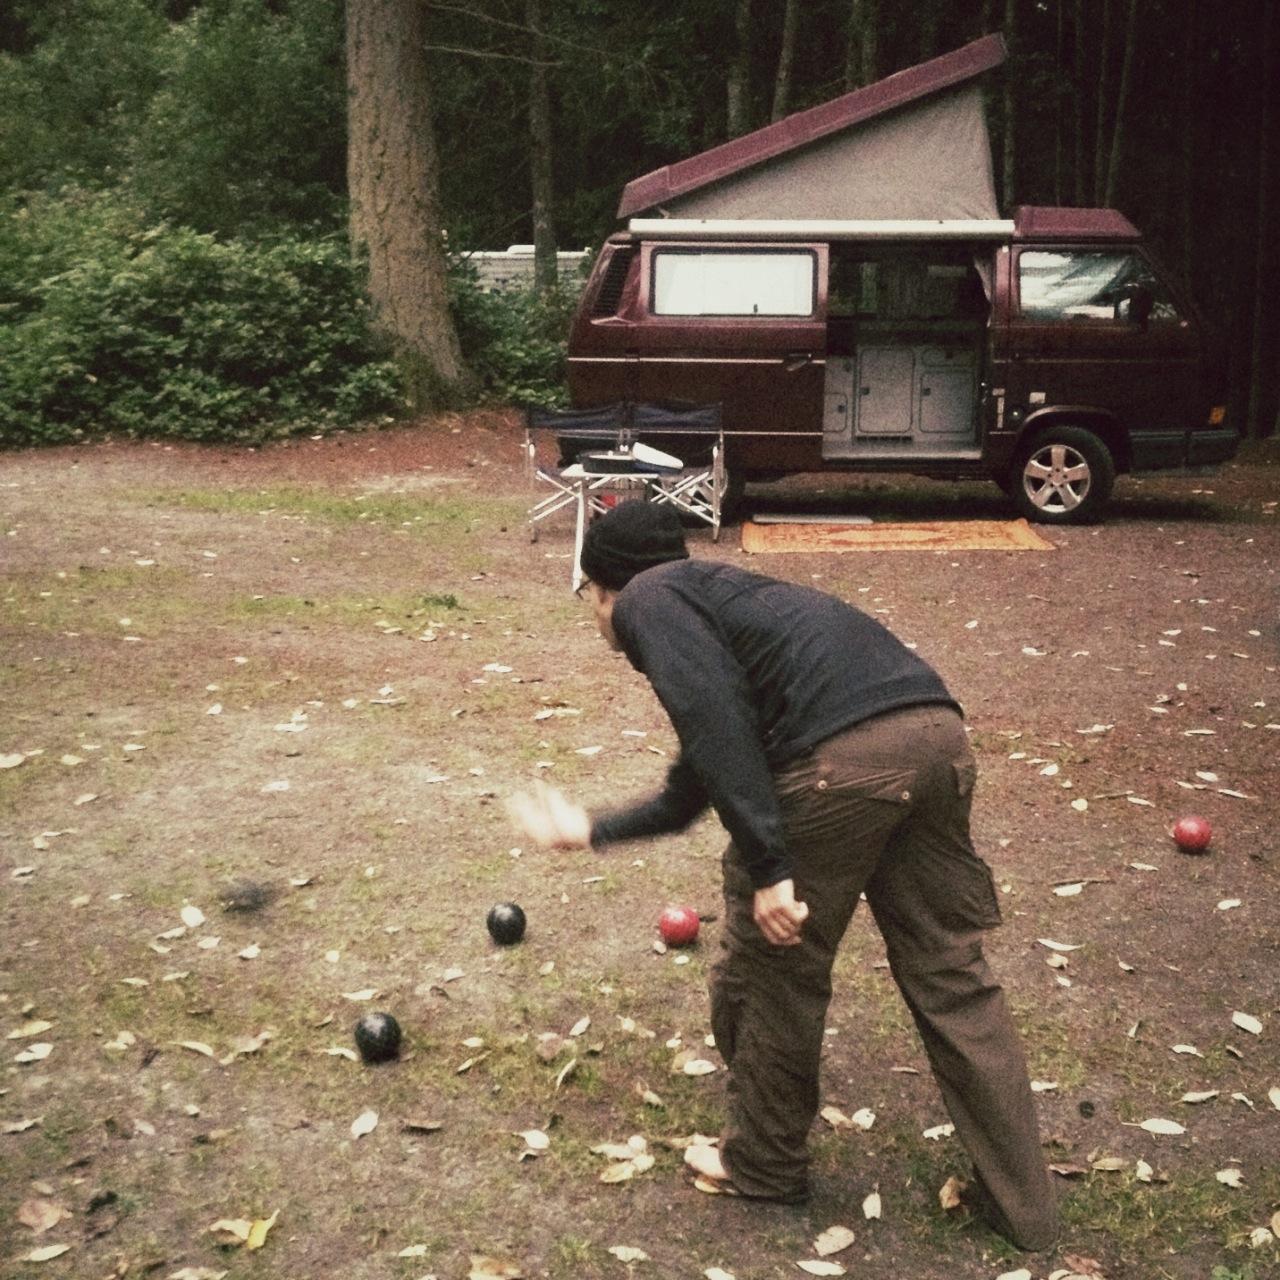 V Chudnovsky Playing Boules